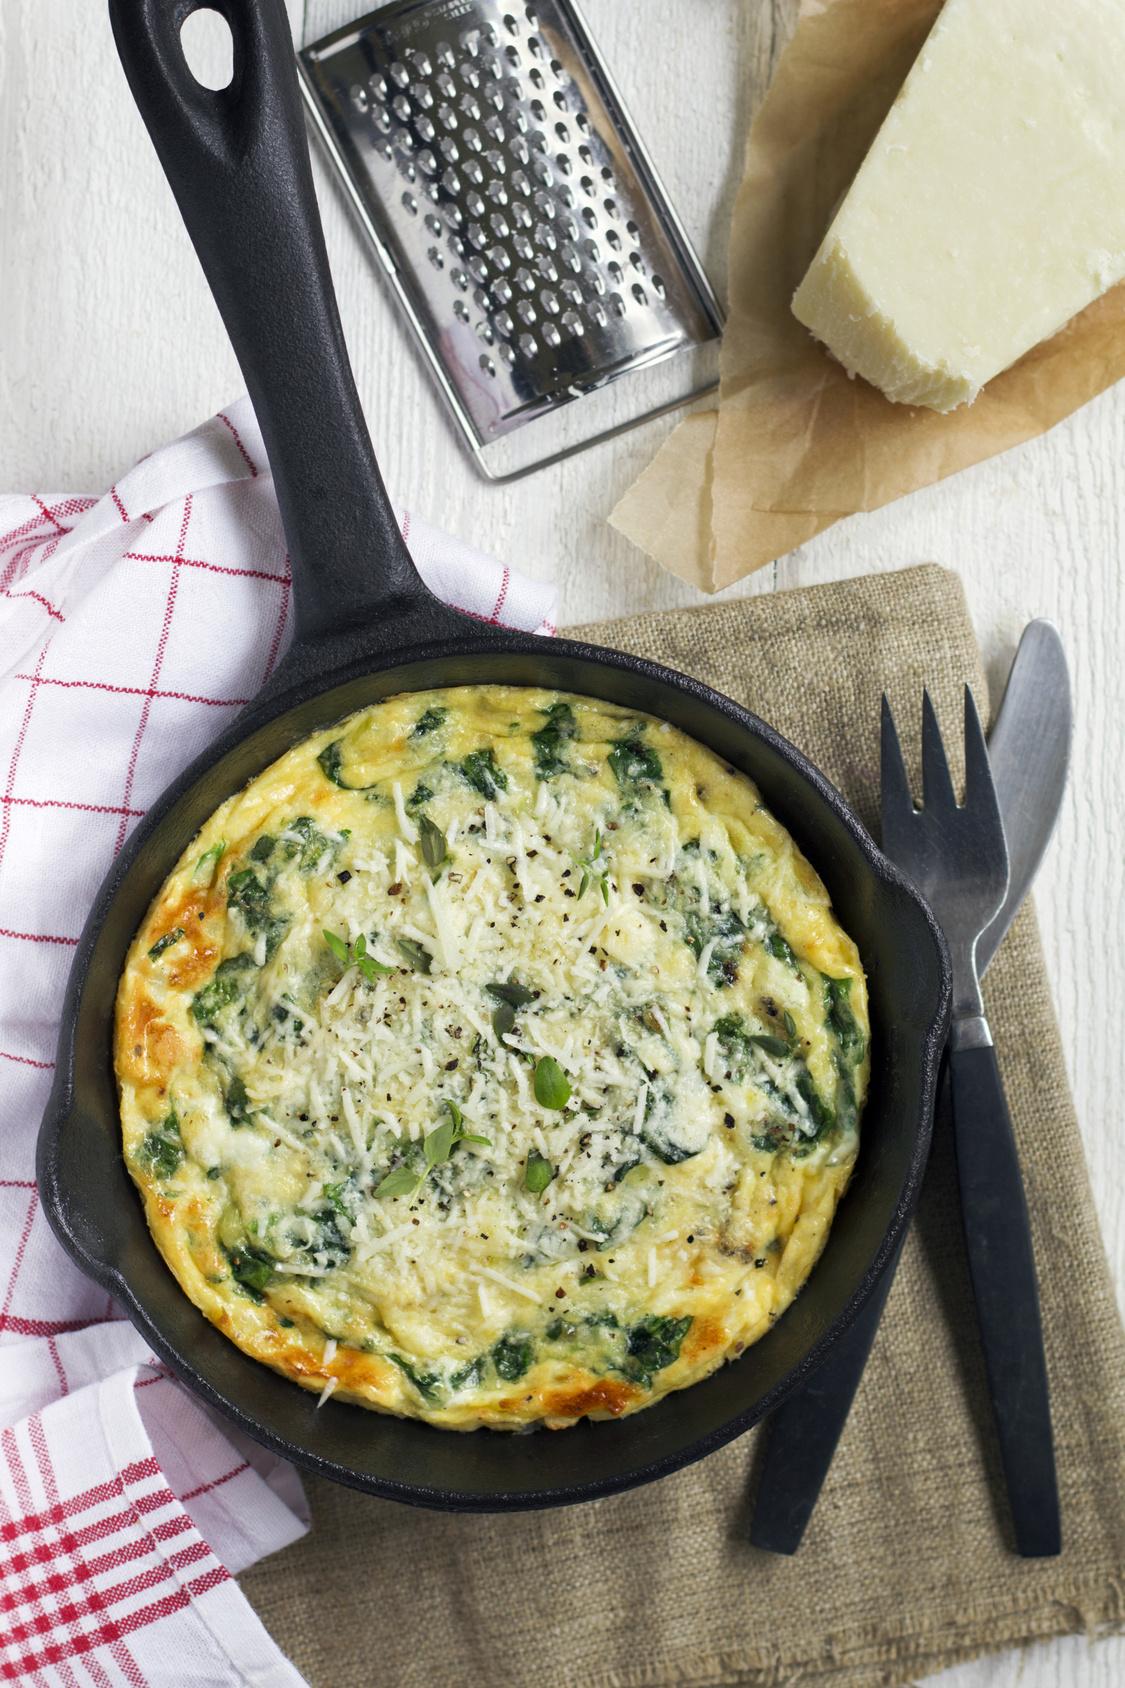 Omlet ze szczawiem i żółtym serem